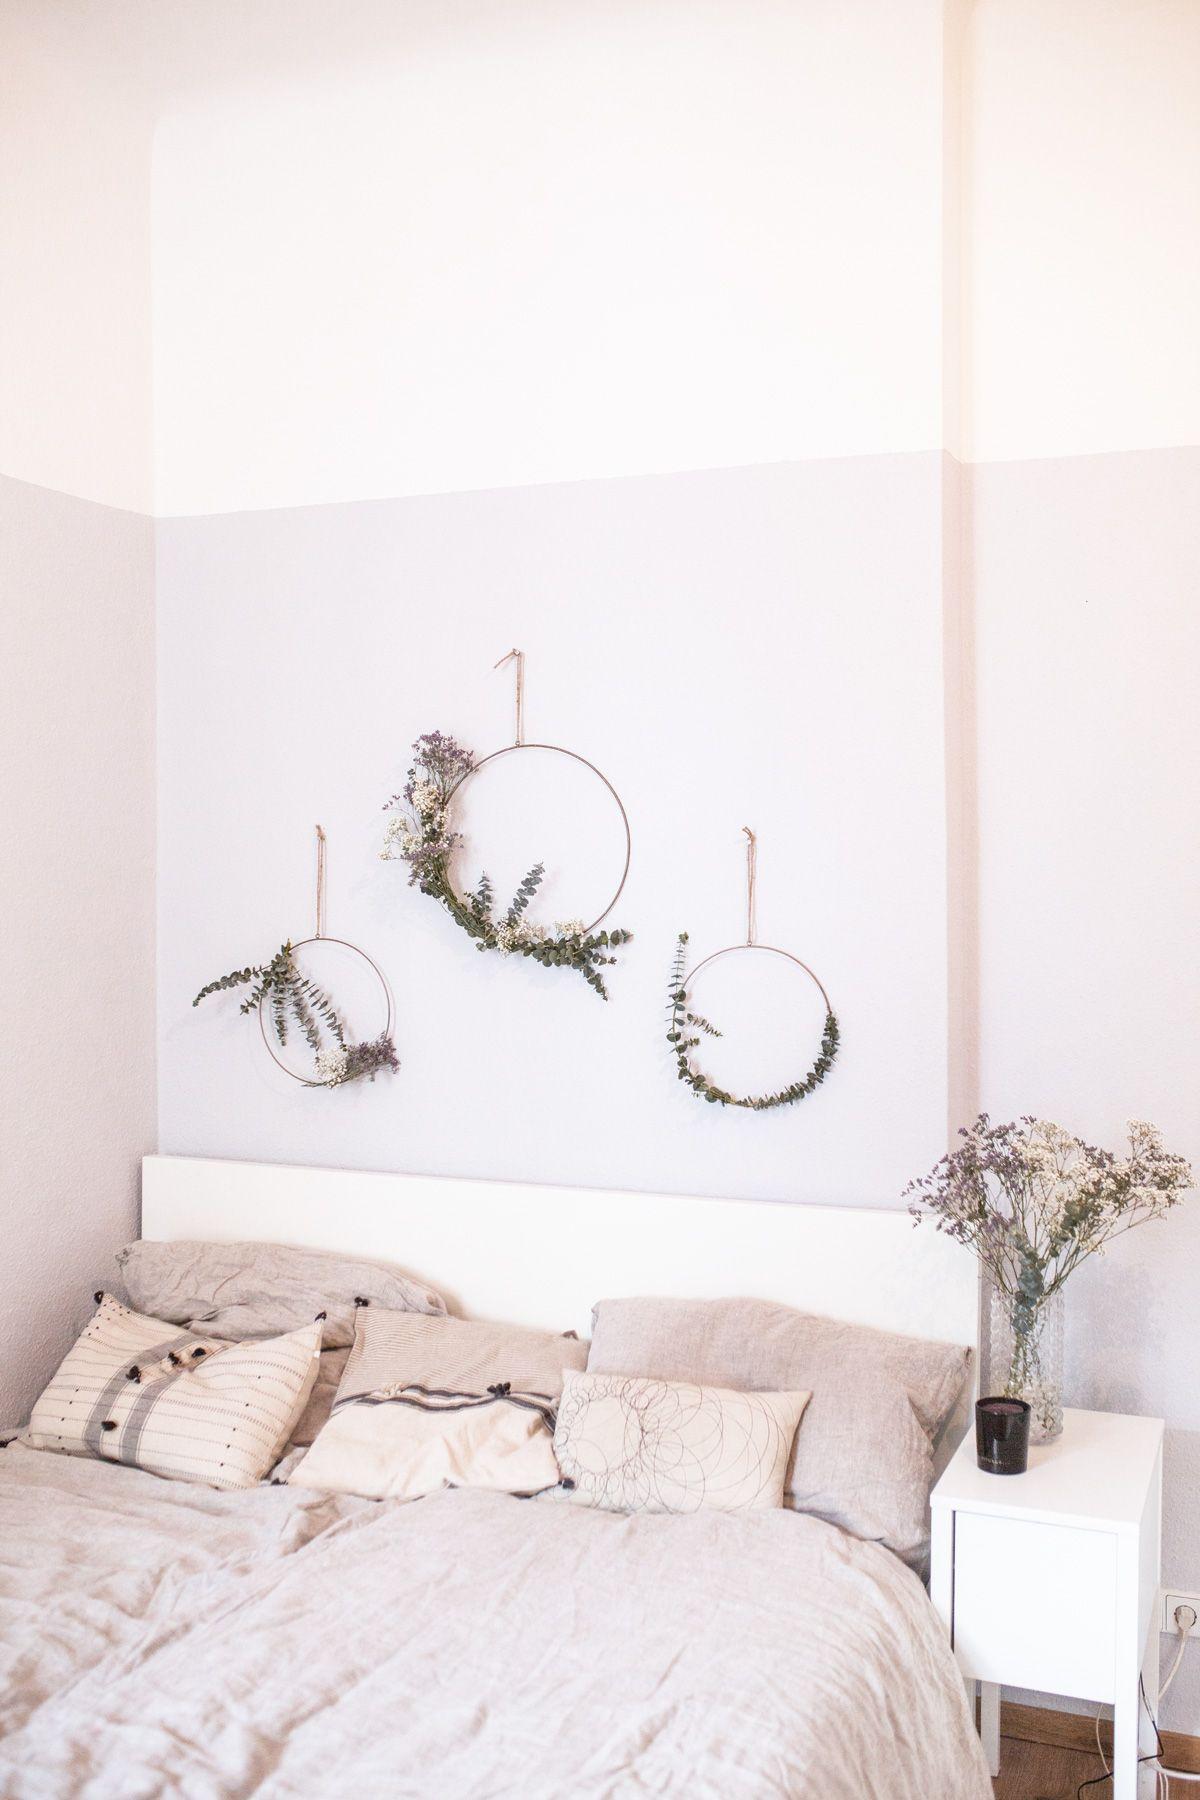 Full Size of Dekoration Schlafzimmer Diy Eukalyptus Kranz Wanddeko Ideen Günstige Rauch Deckenlampe Landhausstil Romantische Fototapete Deckenleuchten Tapeten Komplett Wohnzimmer Dekoration Schlafzimmer